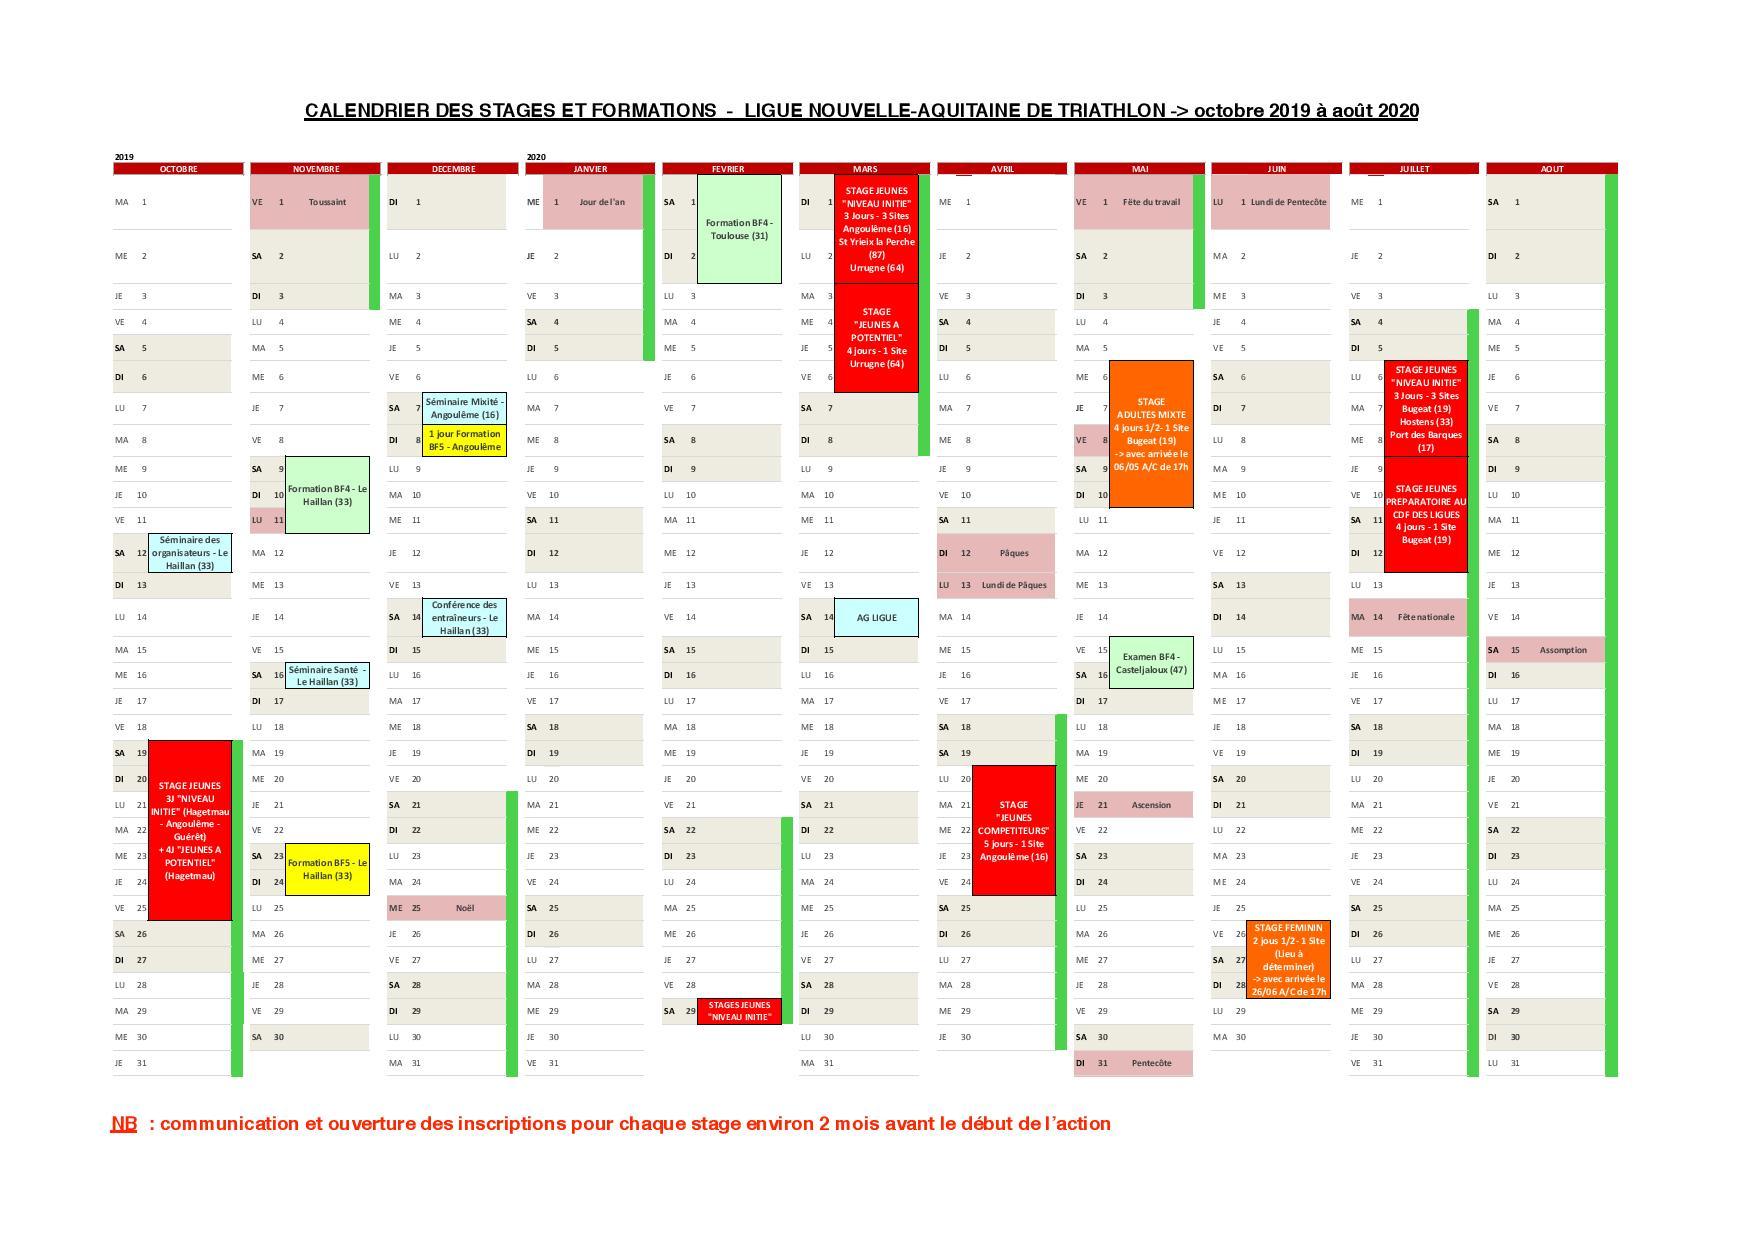 Triathlon Calendrier 2020.Calendrier Des Stages Formations Ligue Nouvelle Aquitaine